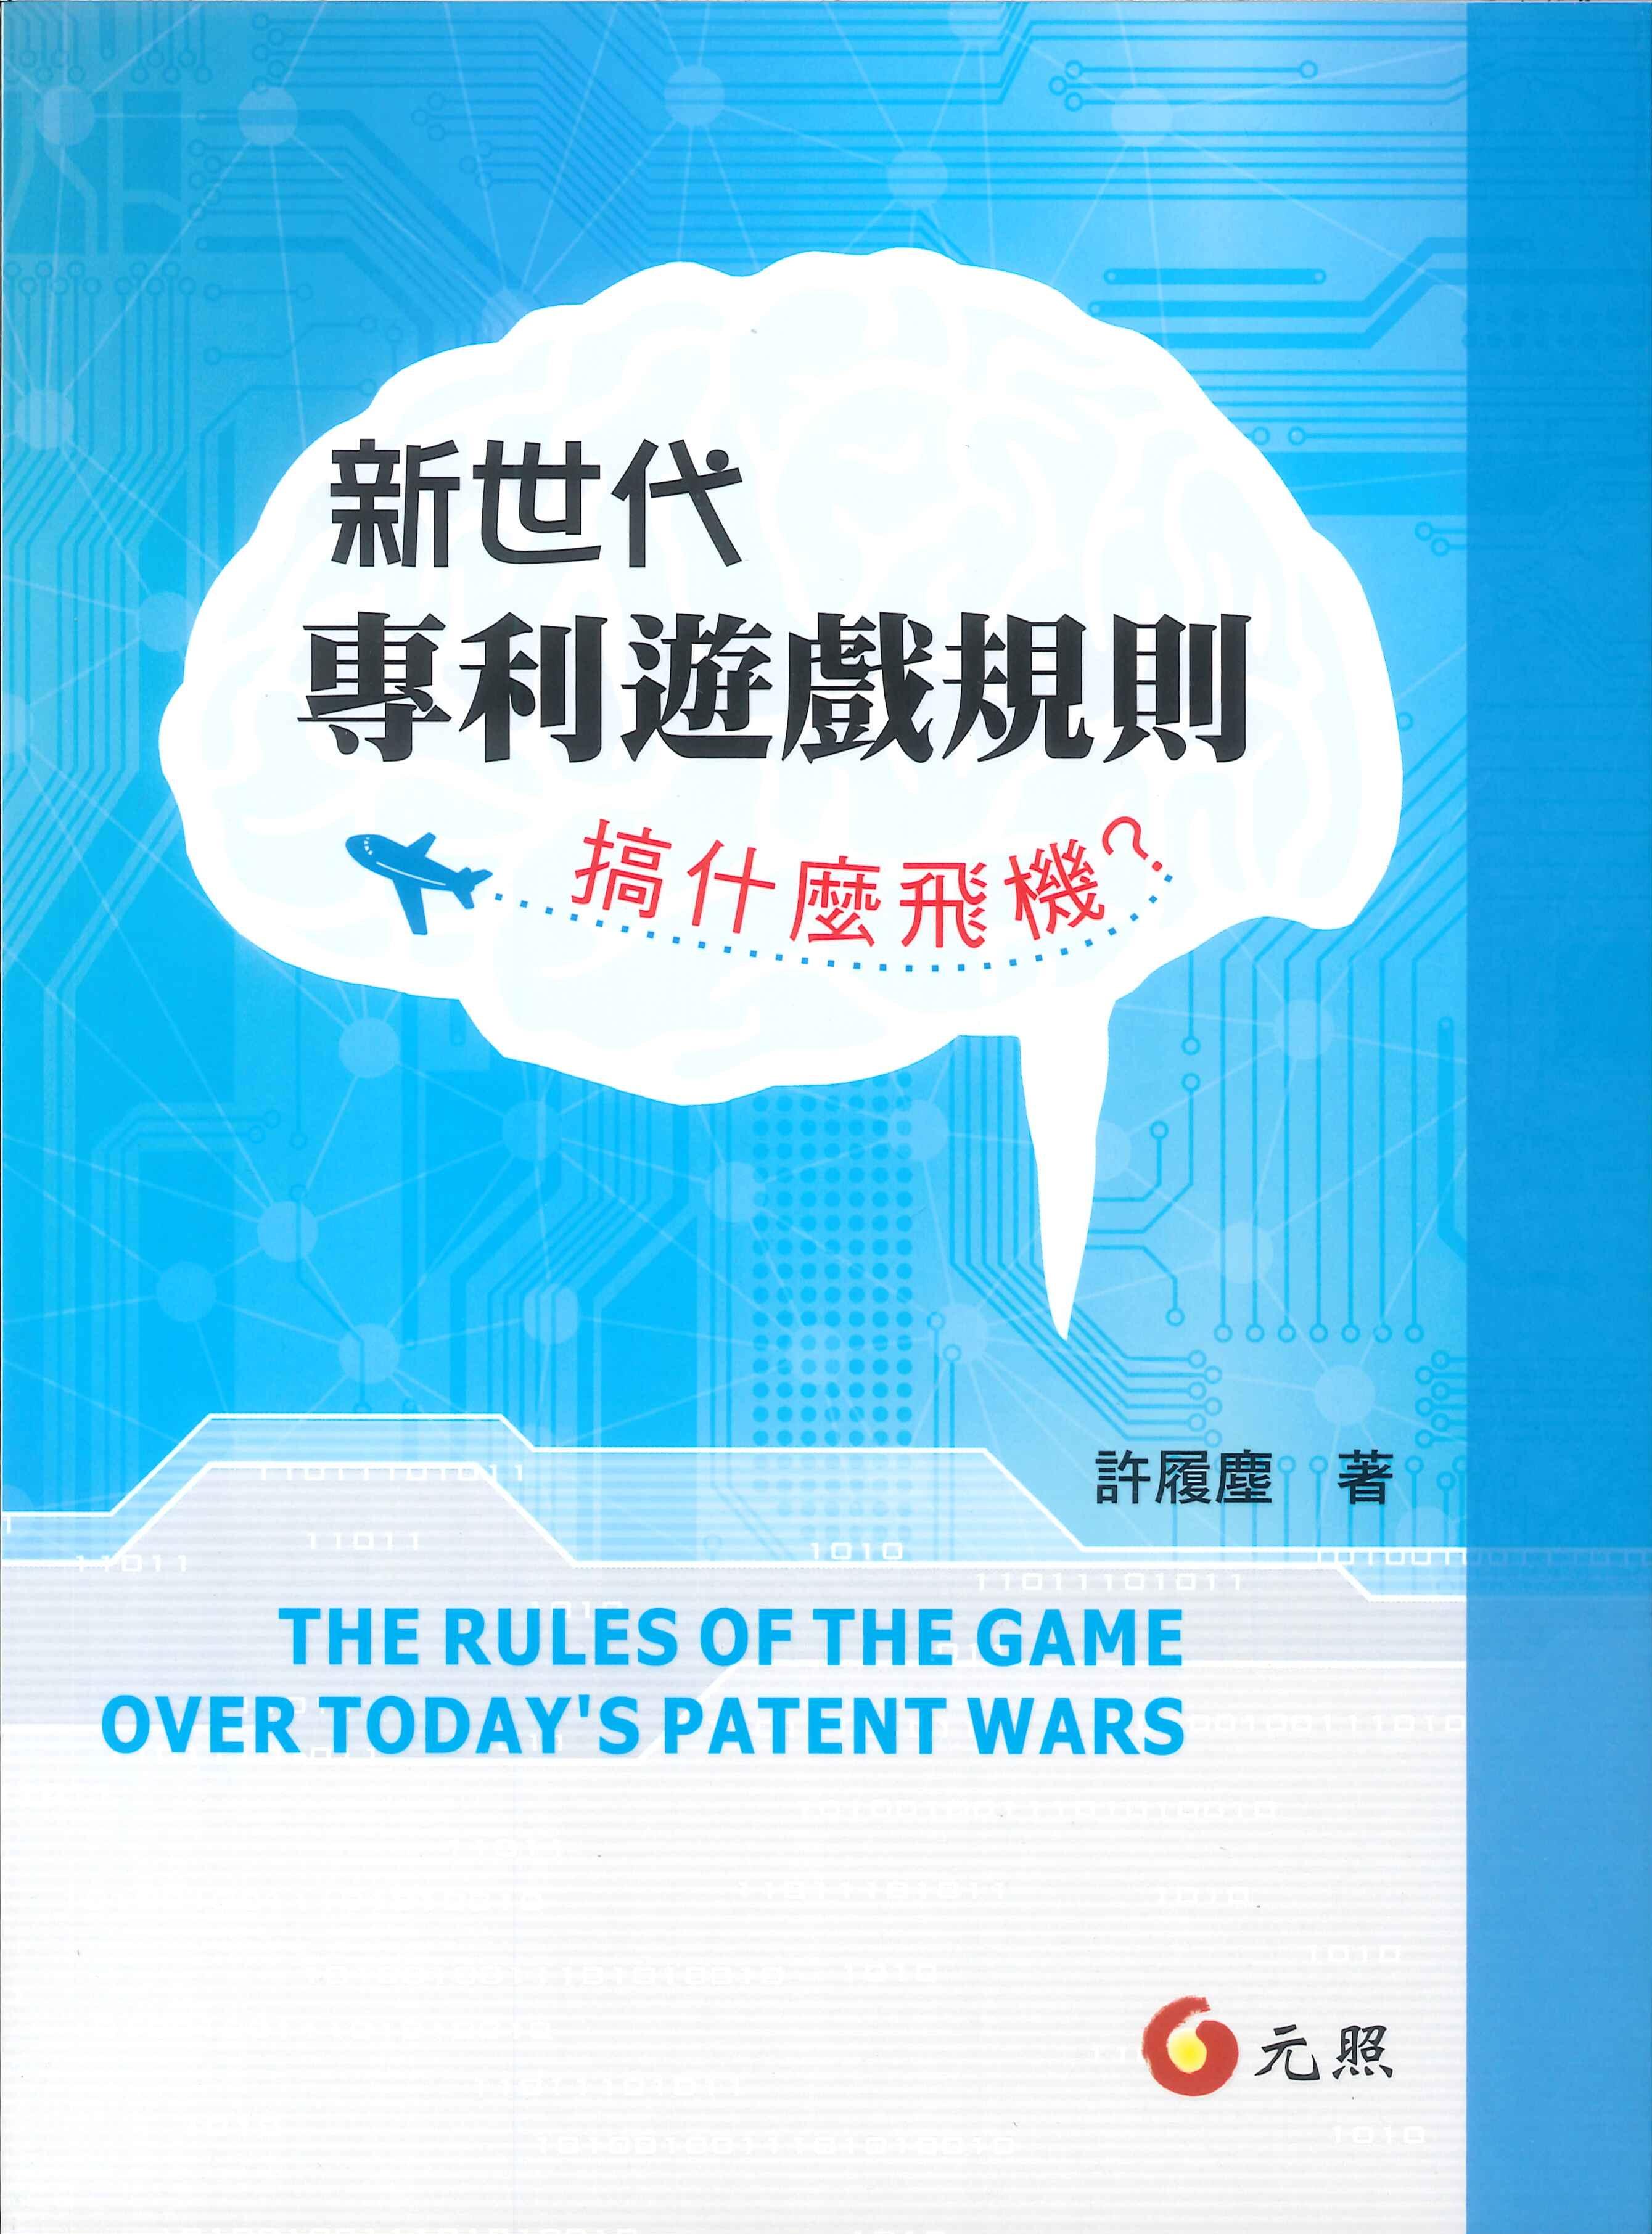 新世代專利遊戲規則:搞什麼飛機?=The rules of the game over today